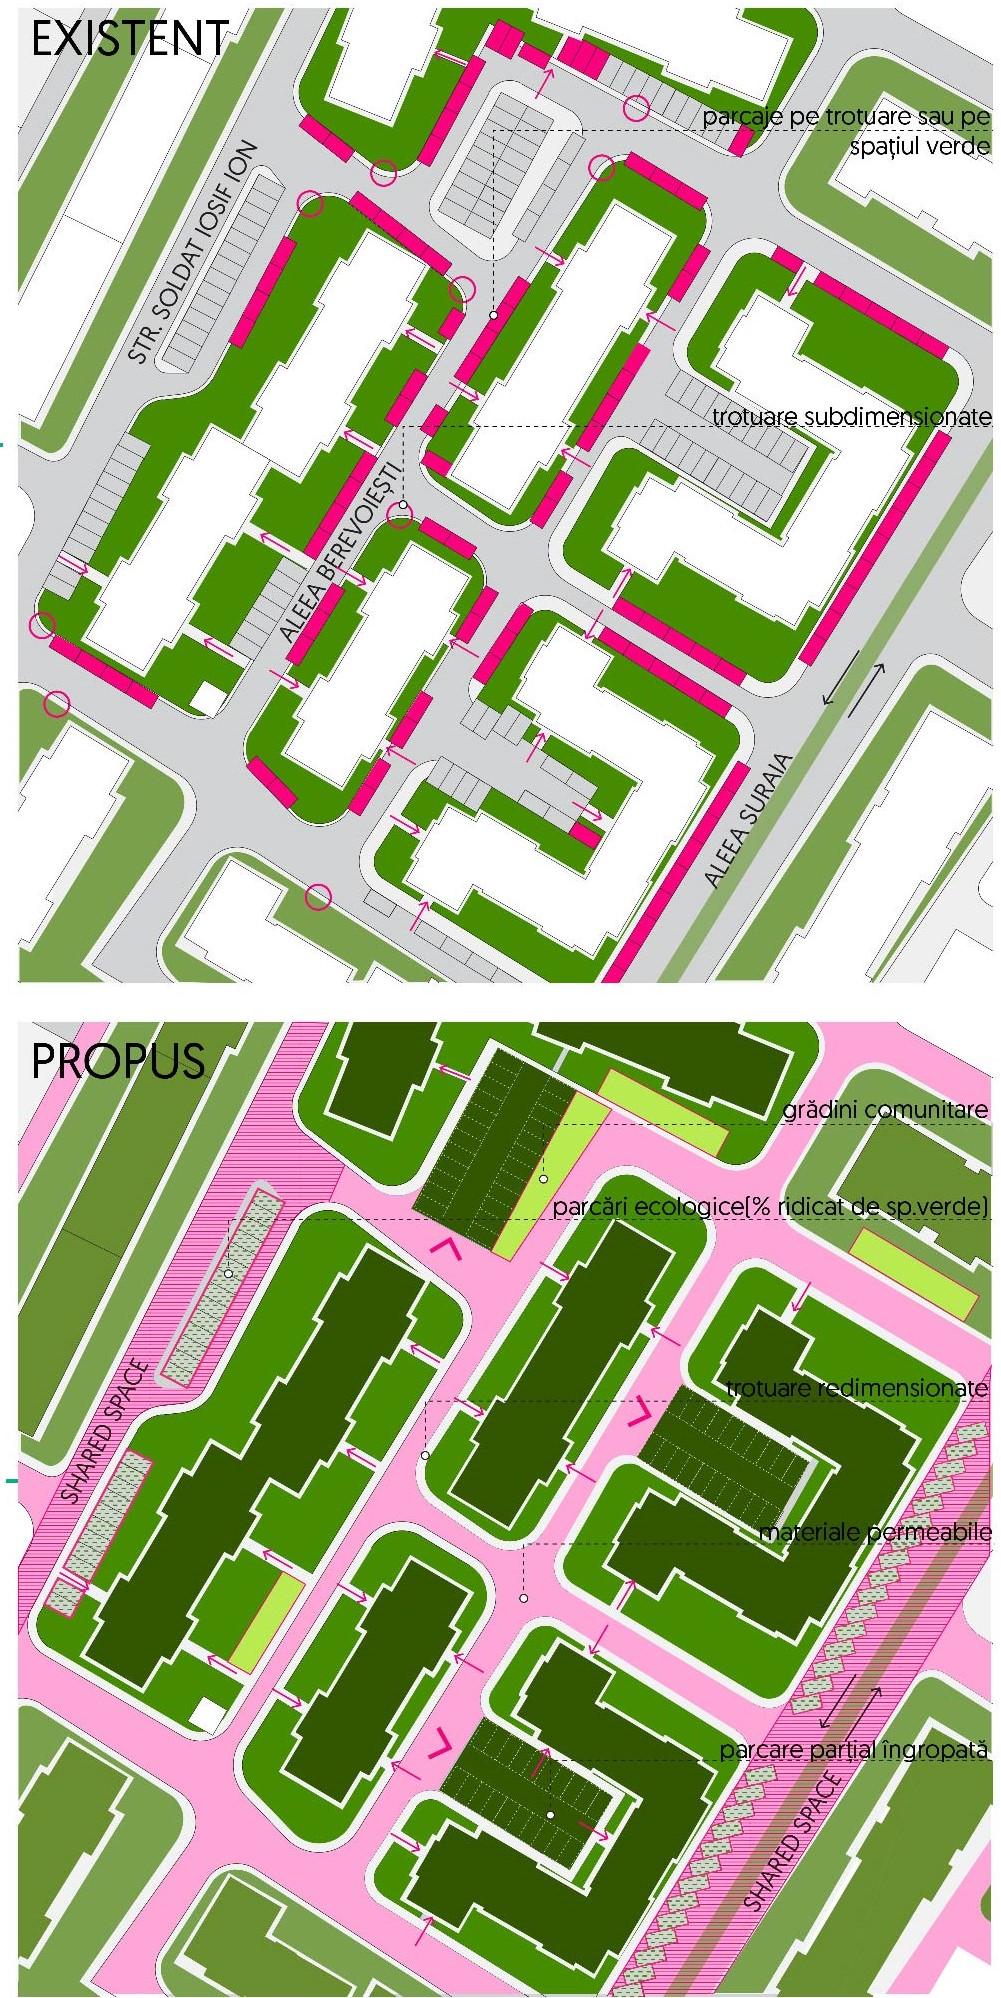 Construcţii inteligente şi sustenabile | Universitatea din Oradea | posterland.ro